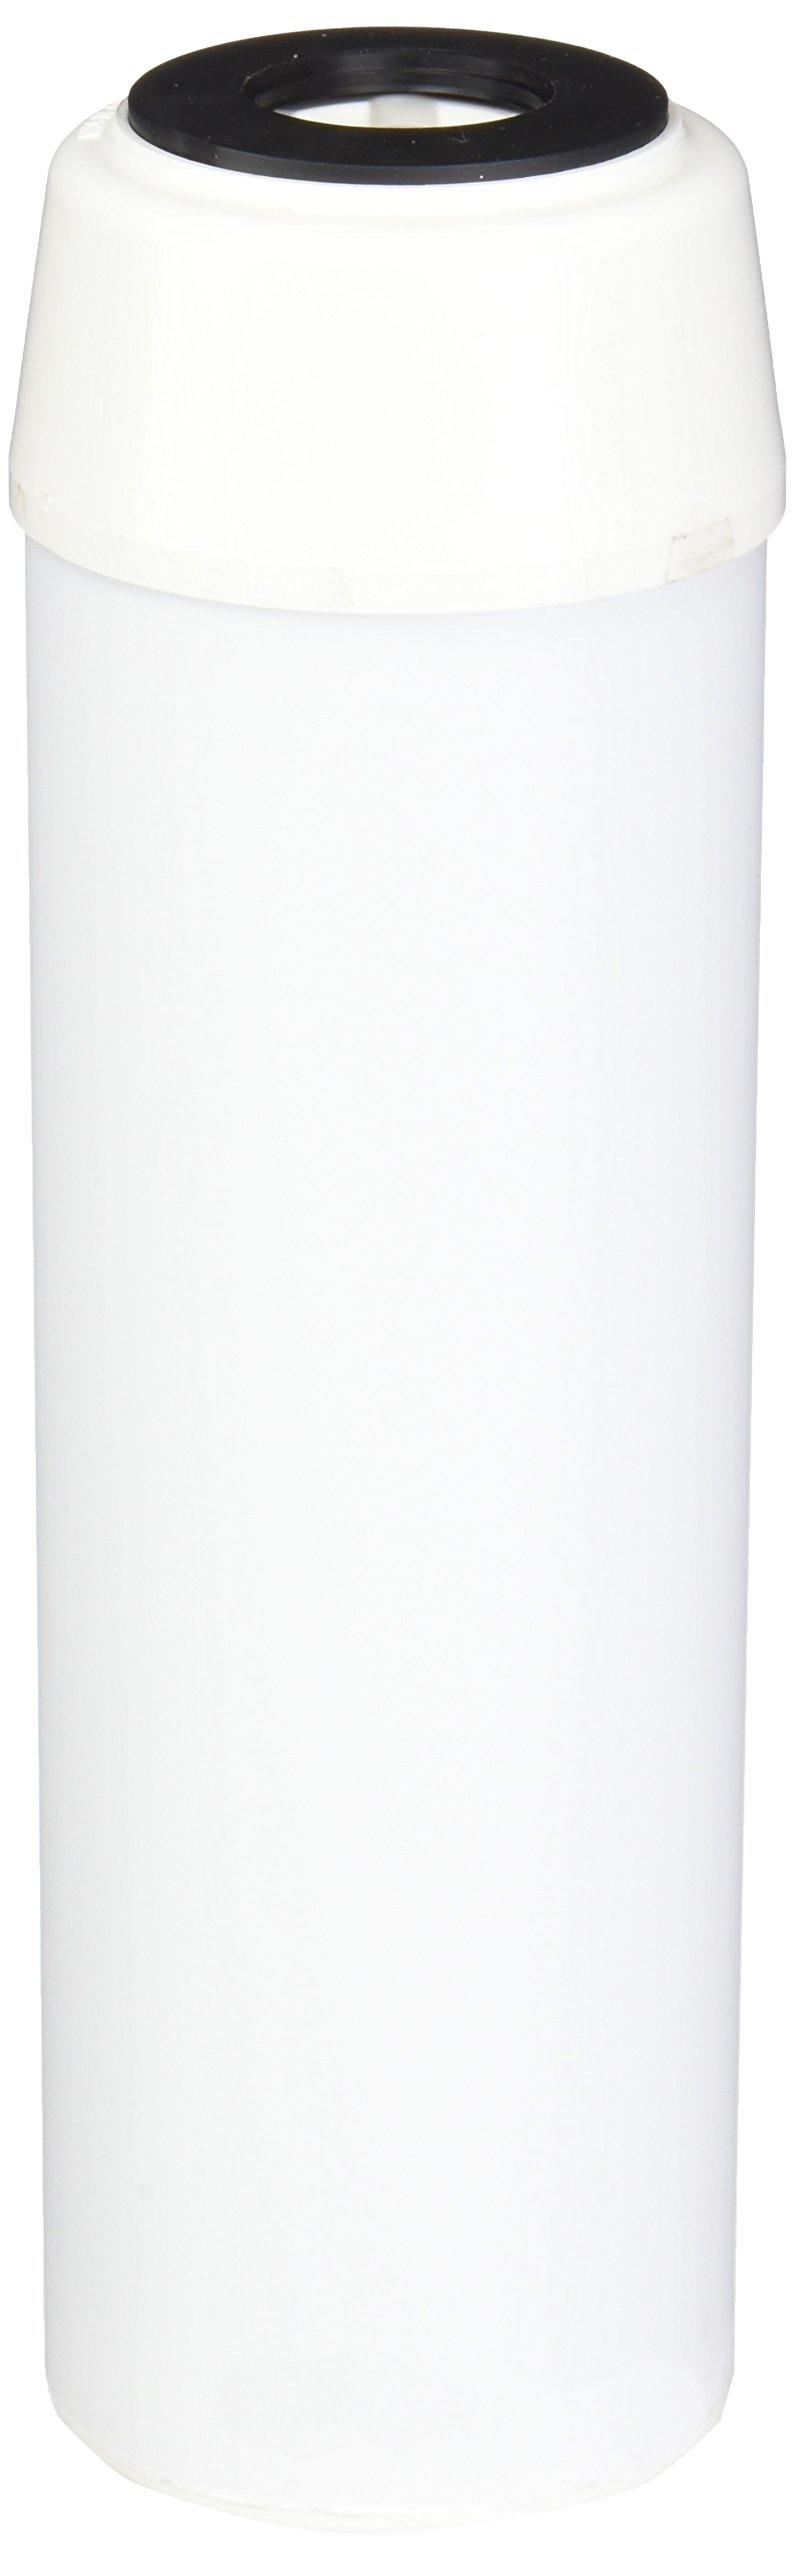 Pentek CC-10 Coconut Carbon Filter Cartridge, 9-3/4'' x 2-7/8'', 20 Micron